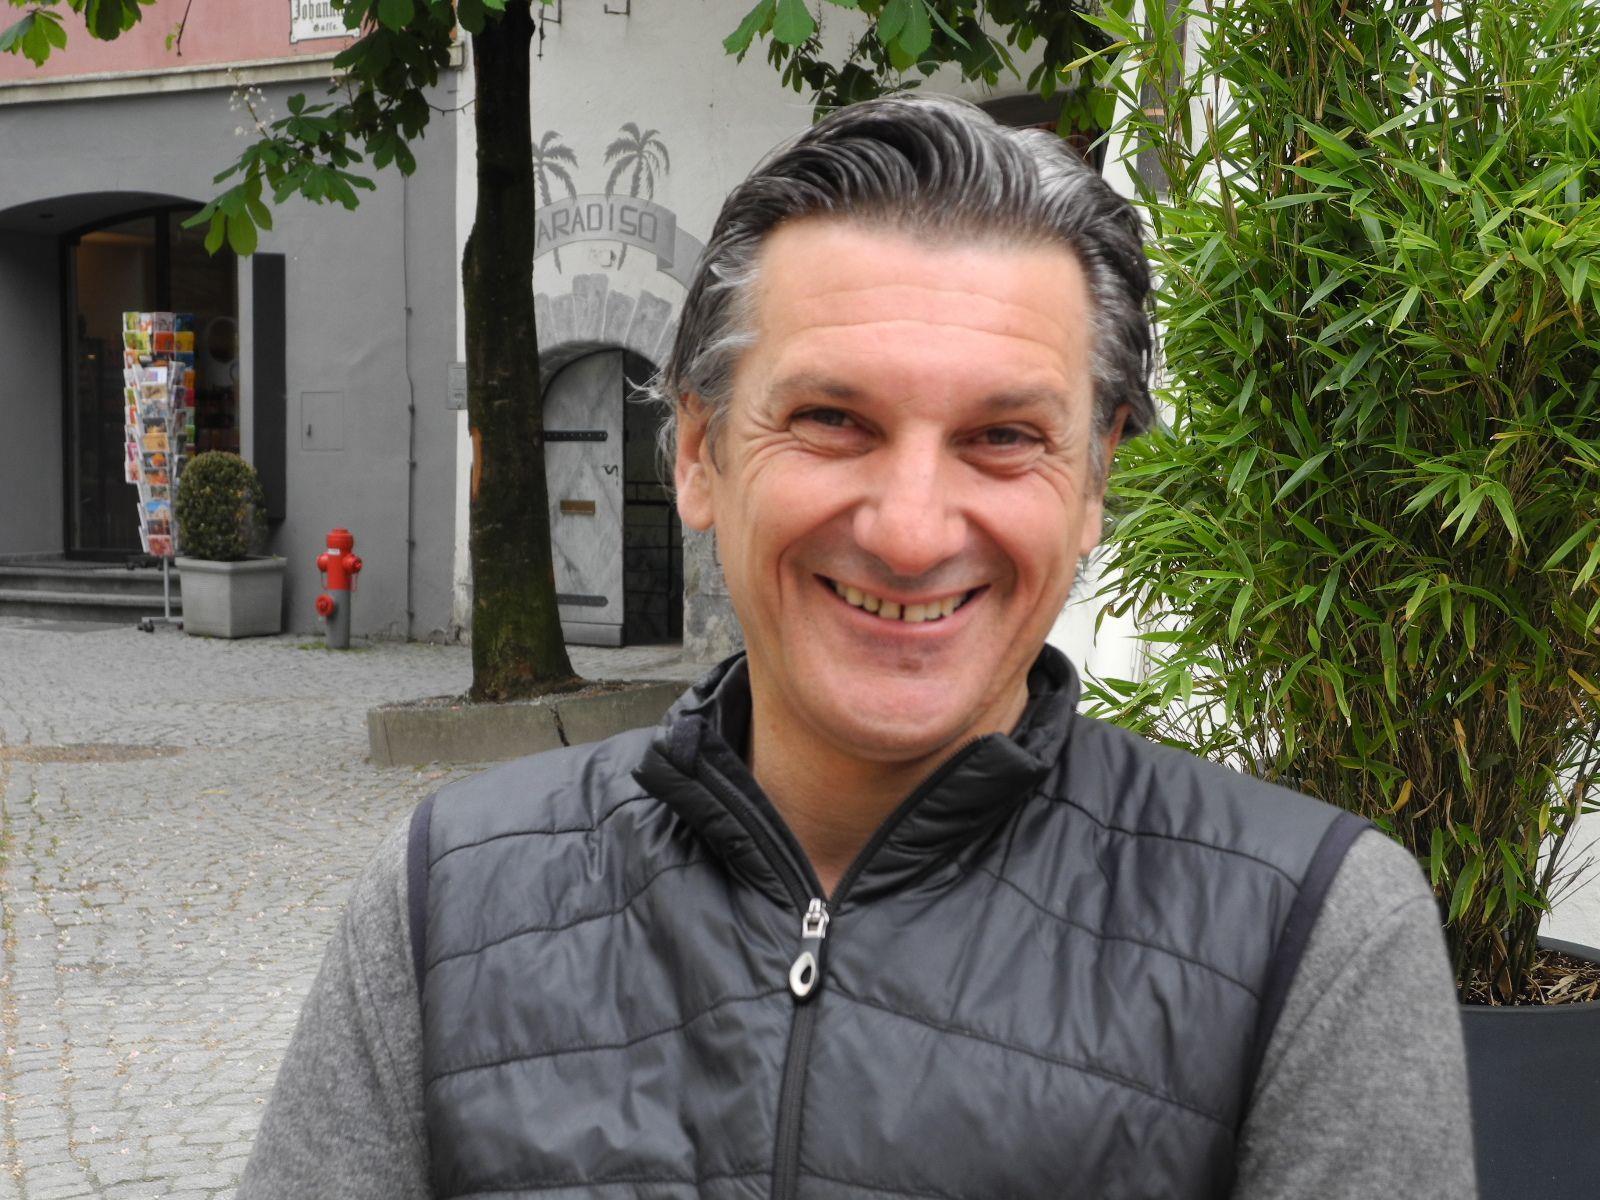 Arno Egger, der Kurator für die Auswahl, die Durchführung und die Abwicklung der Kunstaustellungen in der Johanniterkirche und im Palais Liechtenstein